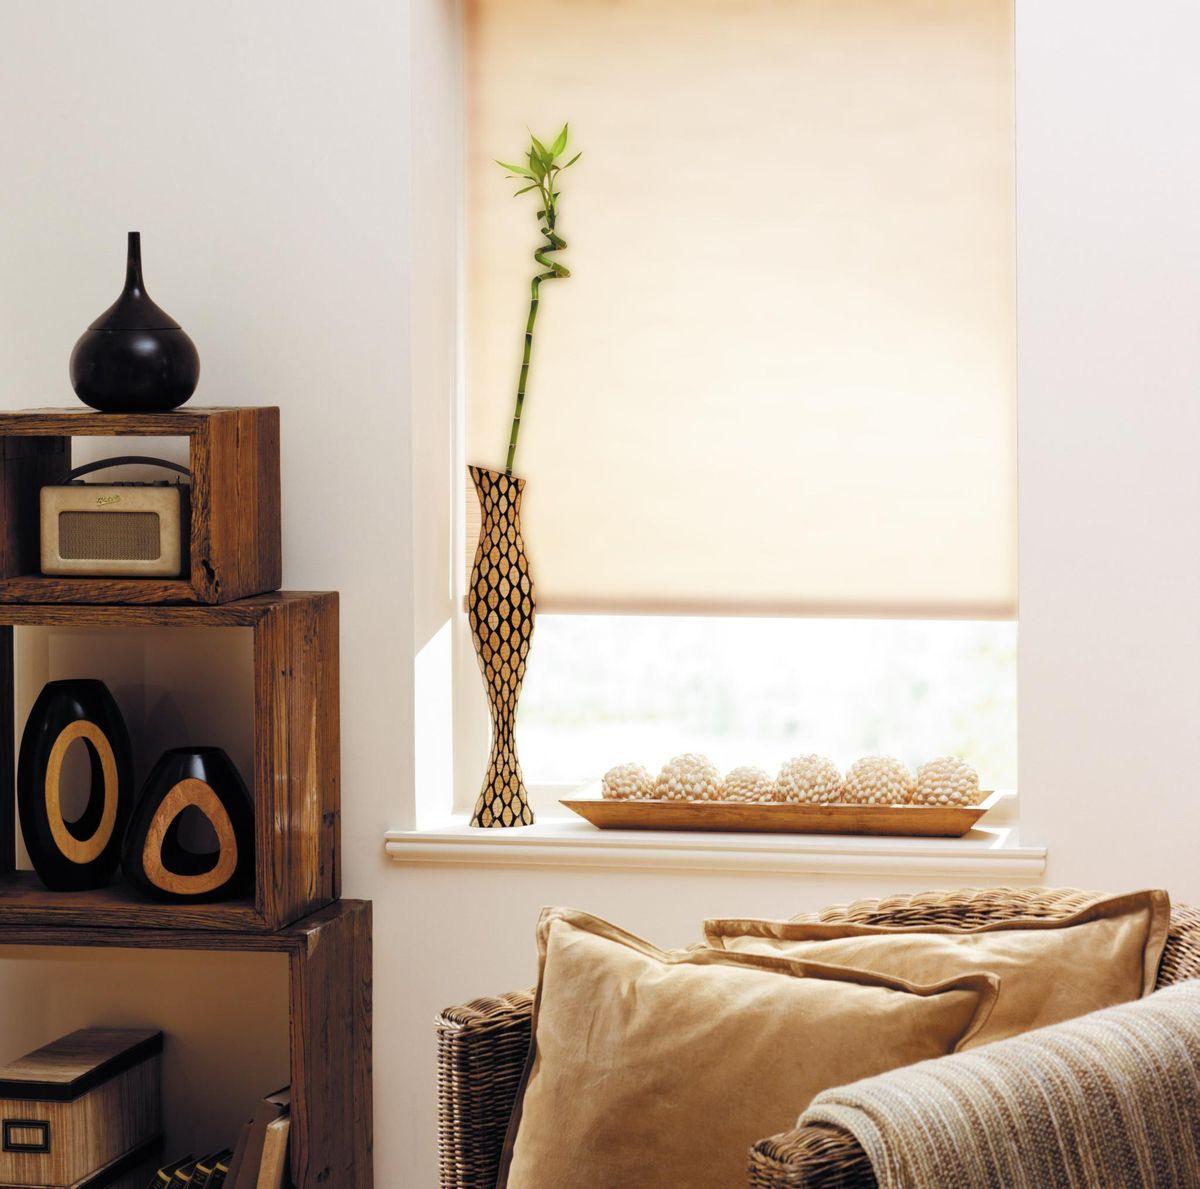 Штора рулонная Эскар, цвет: бежевый лен, ширина 120 см, высота 170 см80409120170Рулонными шторами можно оформлять окна как самостоятельно, так и использовать в комбинации с портьерами. Это поможет предотвратить выгорание дорогой ткани на солнце и соединит функционал рулонных с красотой навесных.Преимущества применения рулонных штор для пластиковых окон:- имеют прекрасный внешний вид: многообразие и фактурность материала изделия отлично смотрятся в любом интерьере; - многофункциональны: есть возможность подобрать шторы способные эффективно защитить комнату от солнца, при этом о на не будет слишком темной. - Есть возможность осуществить быстрый монтаж. ВНИМАНИЕ! Размеры ширины изделия указаны по ширине ткани!Во время эксплуатации не рекомендуется полностью разматывать рулон, чтобы не оторвать ткань от намоточного вала.В случае загрязнения поверхности ткани, чистку шторы проводят одним из способов, в зависимости от типа загрязнения: легкое поверхностное загрязнение можно удалить при помощи канцелярского ластика; чистка от пыли производится сухим методом при помощи пылесоса с мягкой щеткой-насадкой; для удаления пятна используйте мягкую губку с пенообразующим неагрессивным моющим средством или пятновыводитель на натуральной основе (нельзя применять растворители).